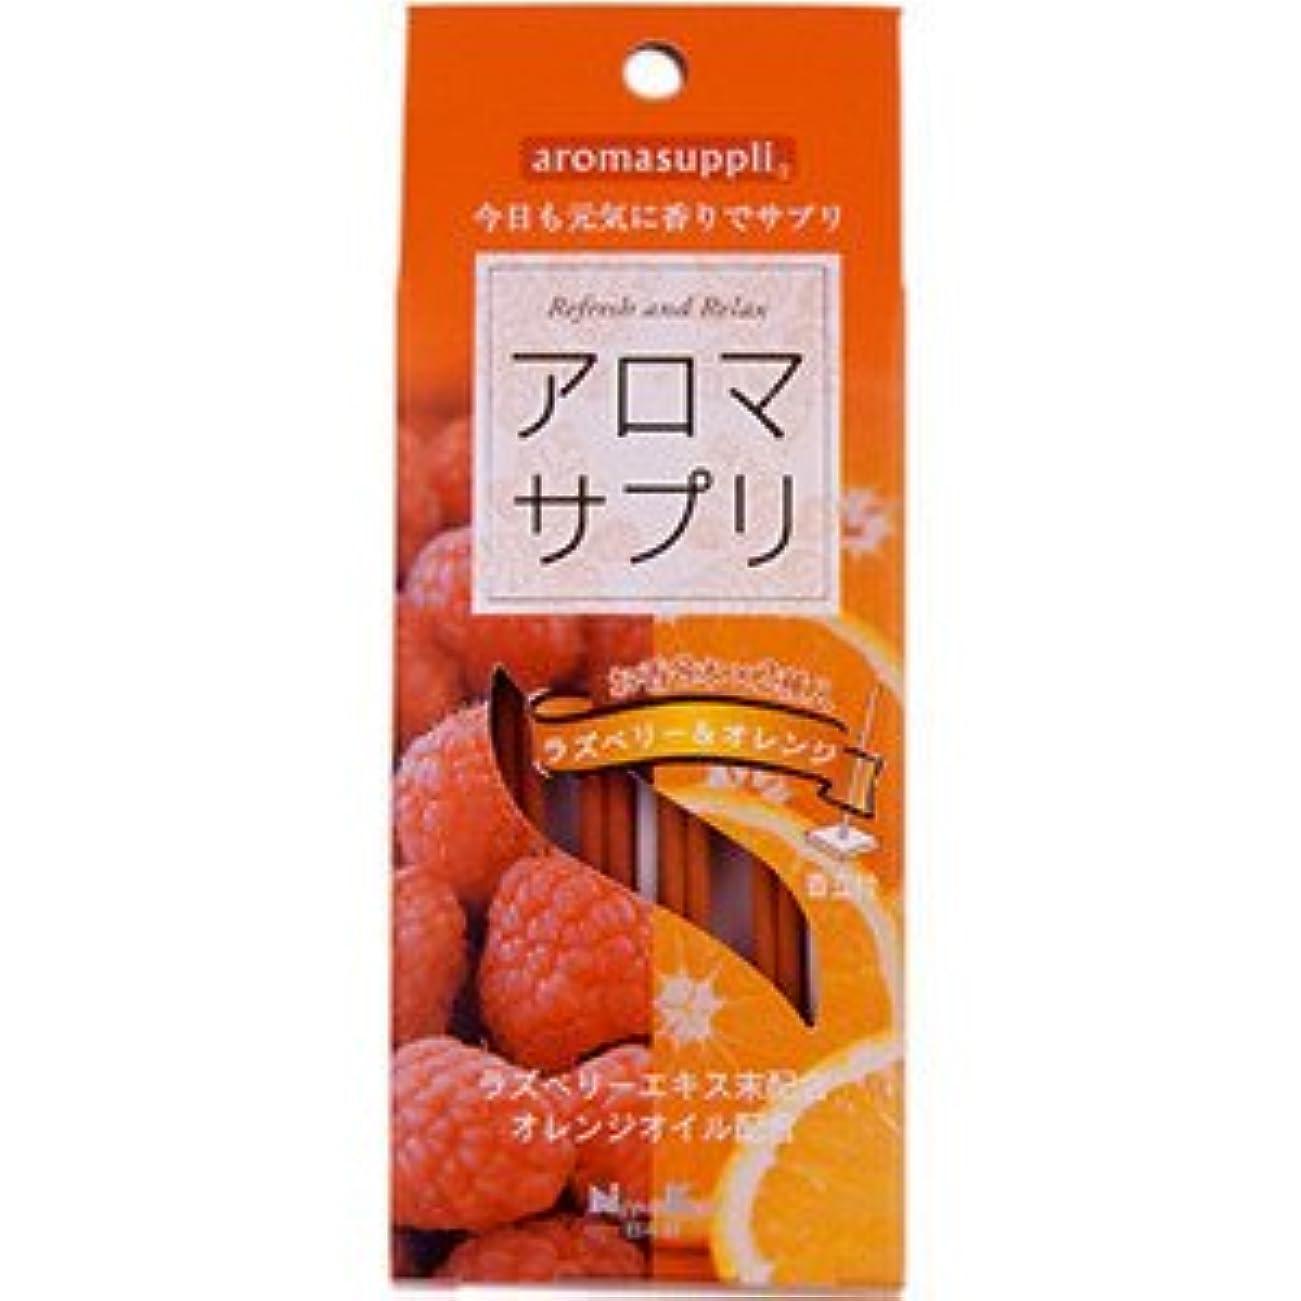 連合アルコーブ隠日本香堂 アロマサプリ ラズベリー&オレンジ